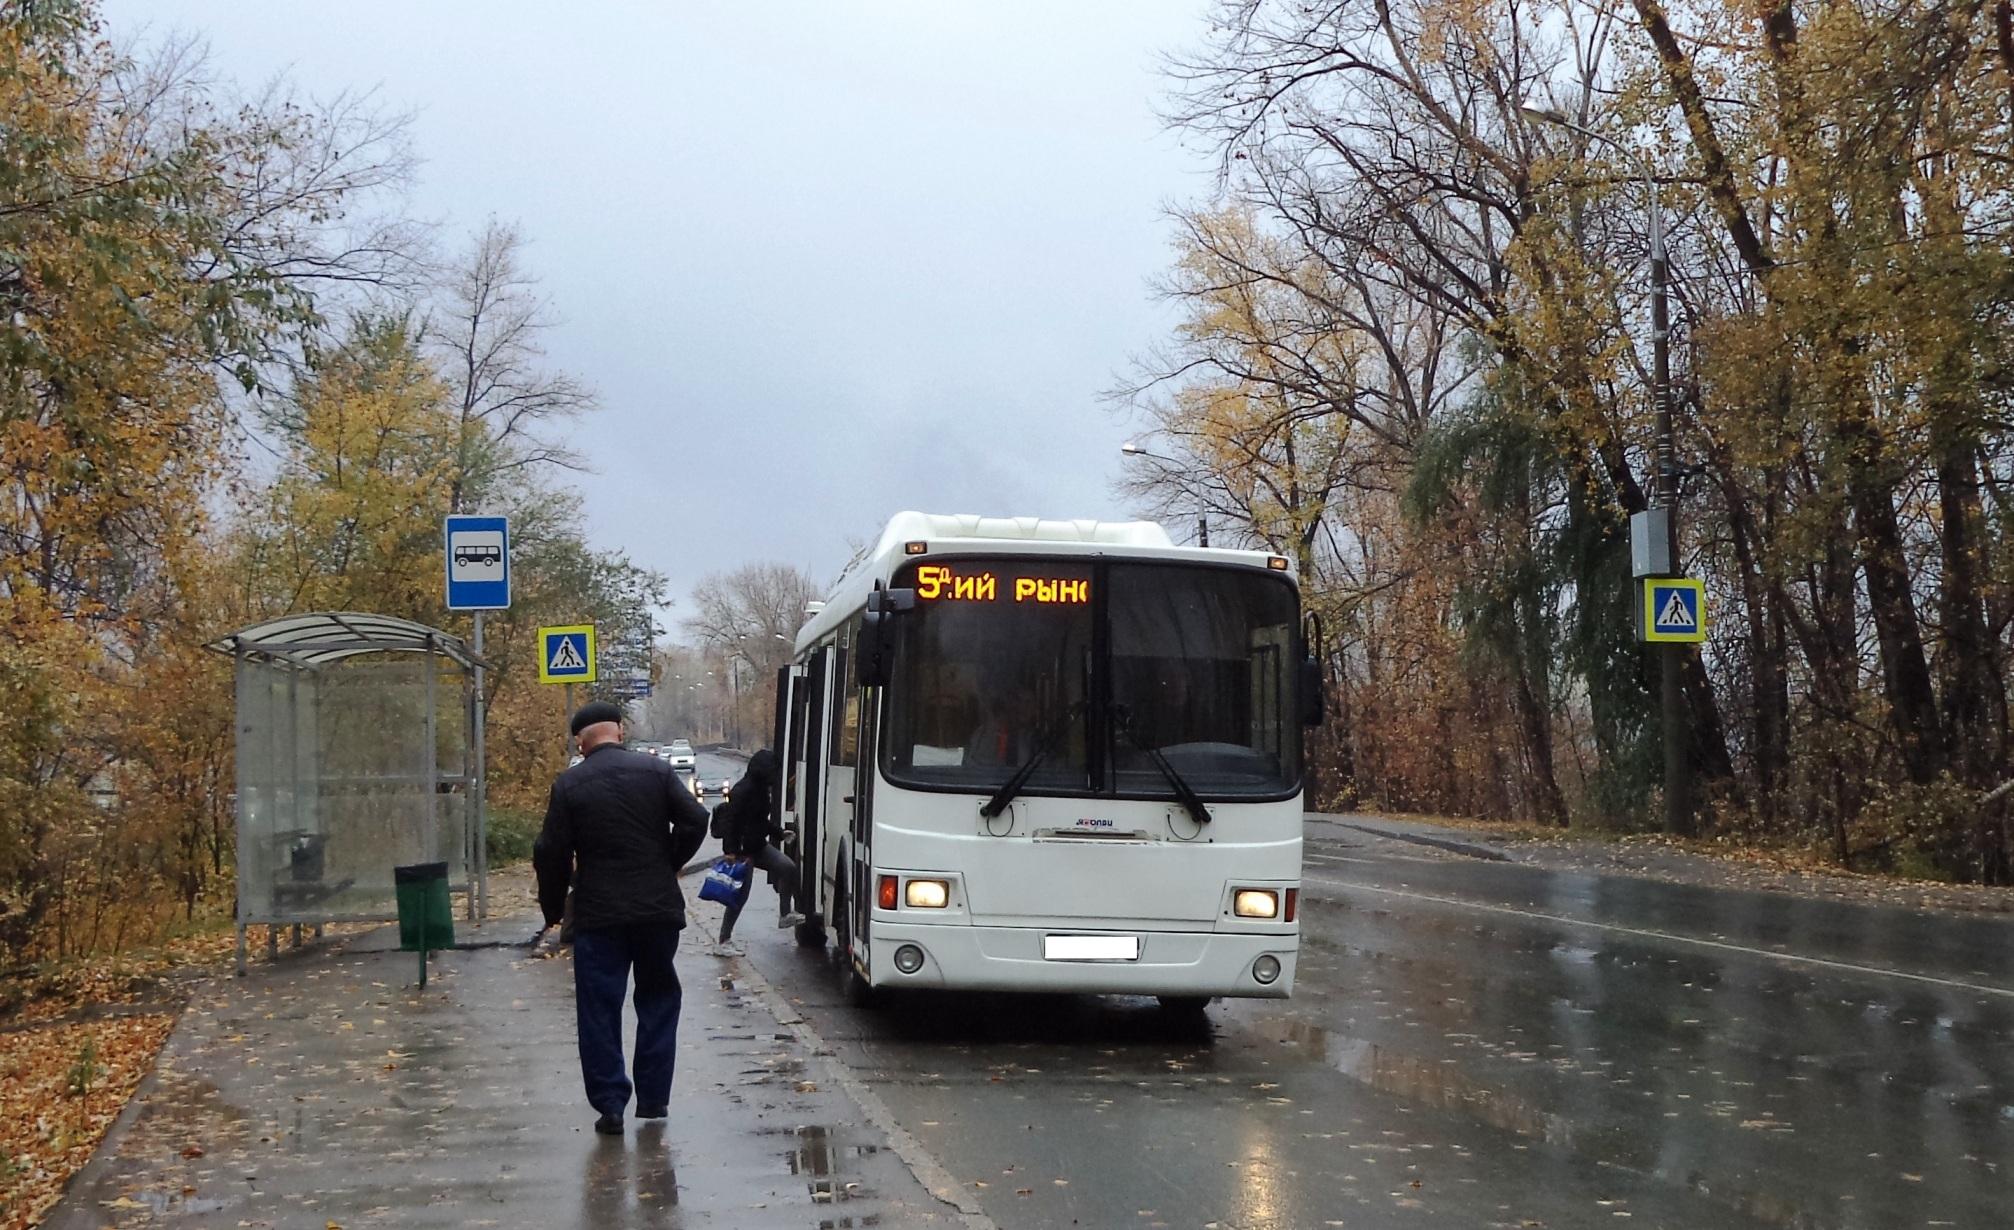 Народная-ФОТО-10-автобус № 5